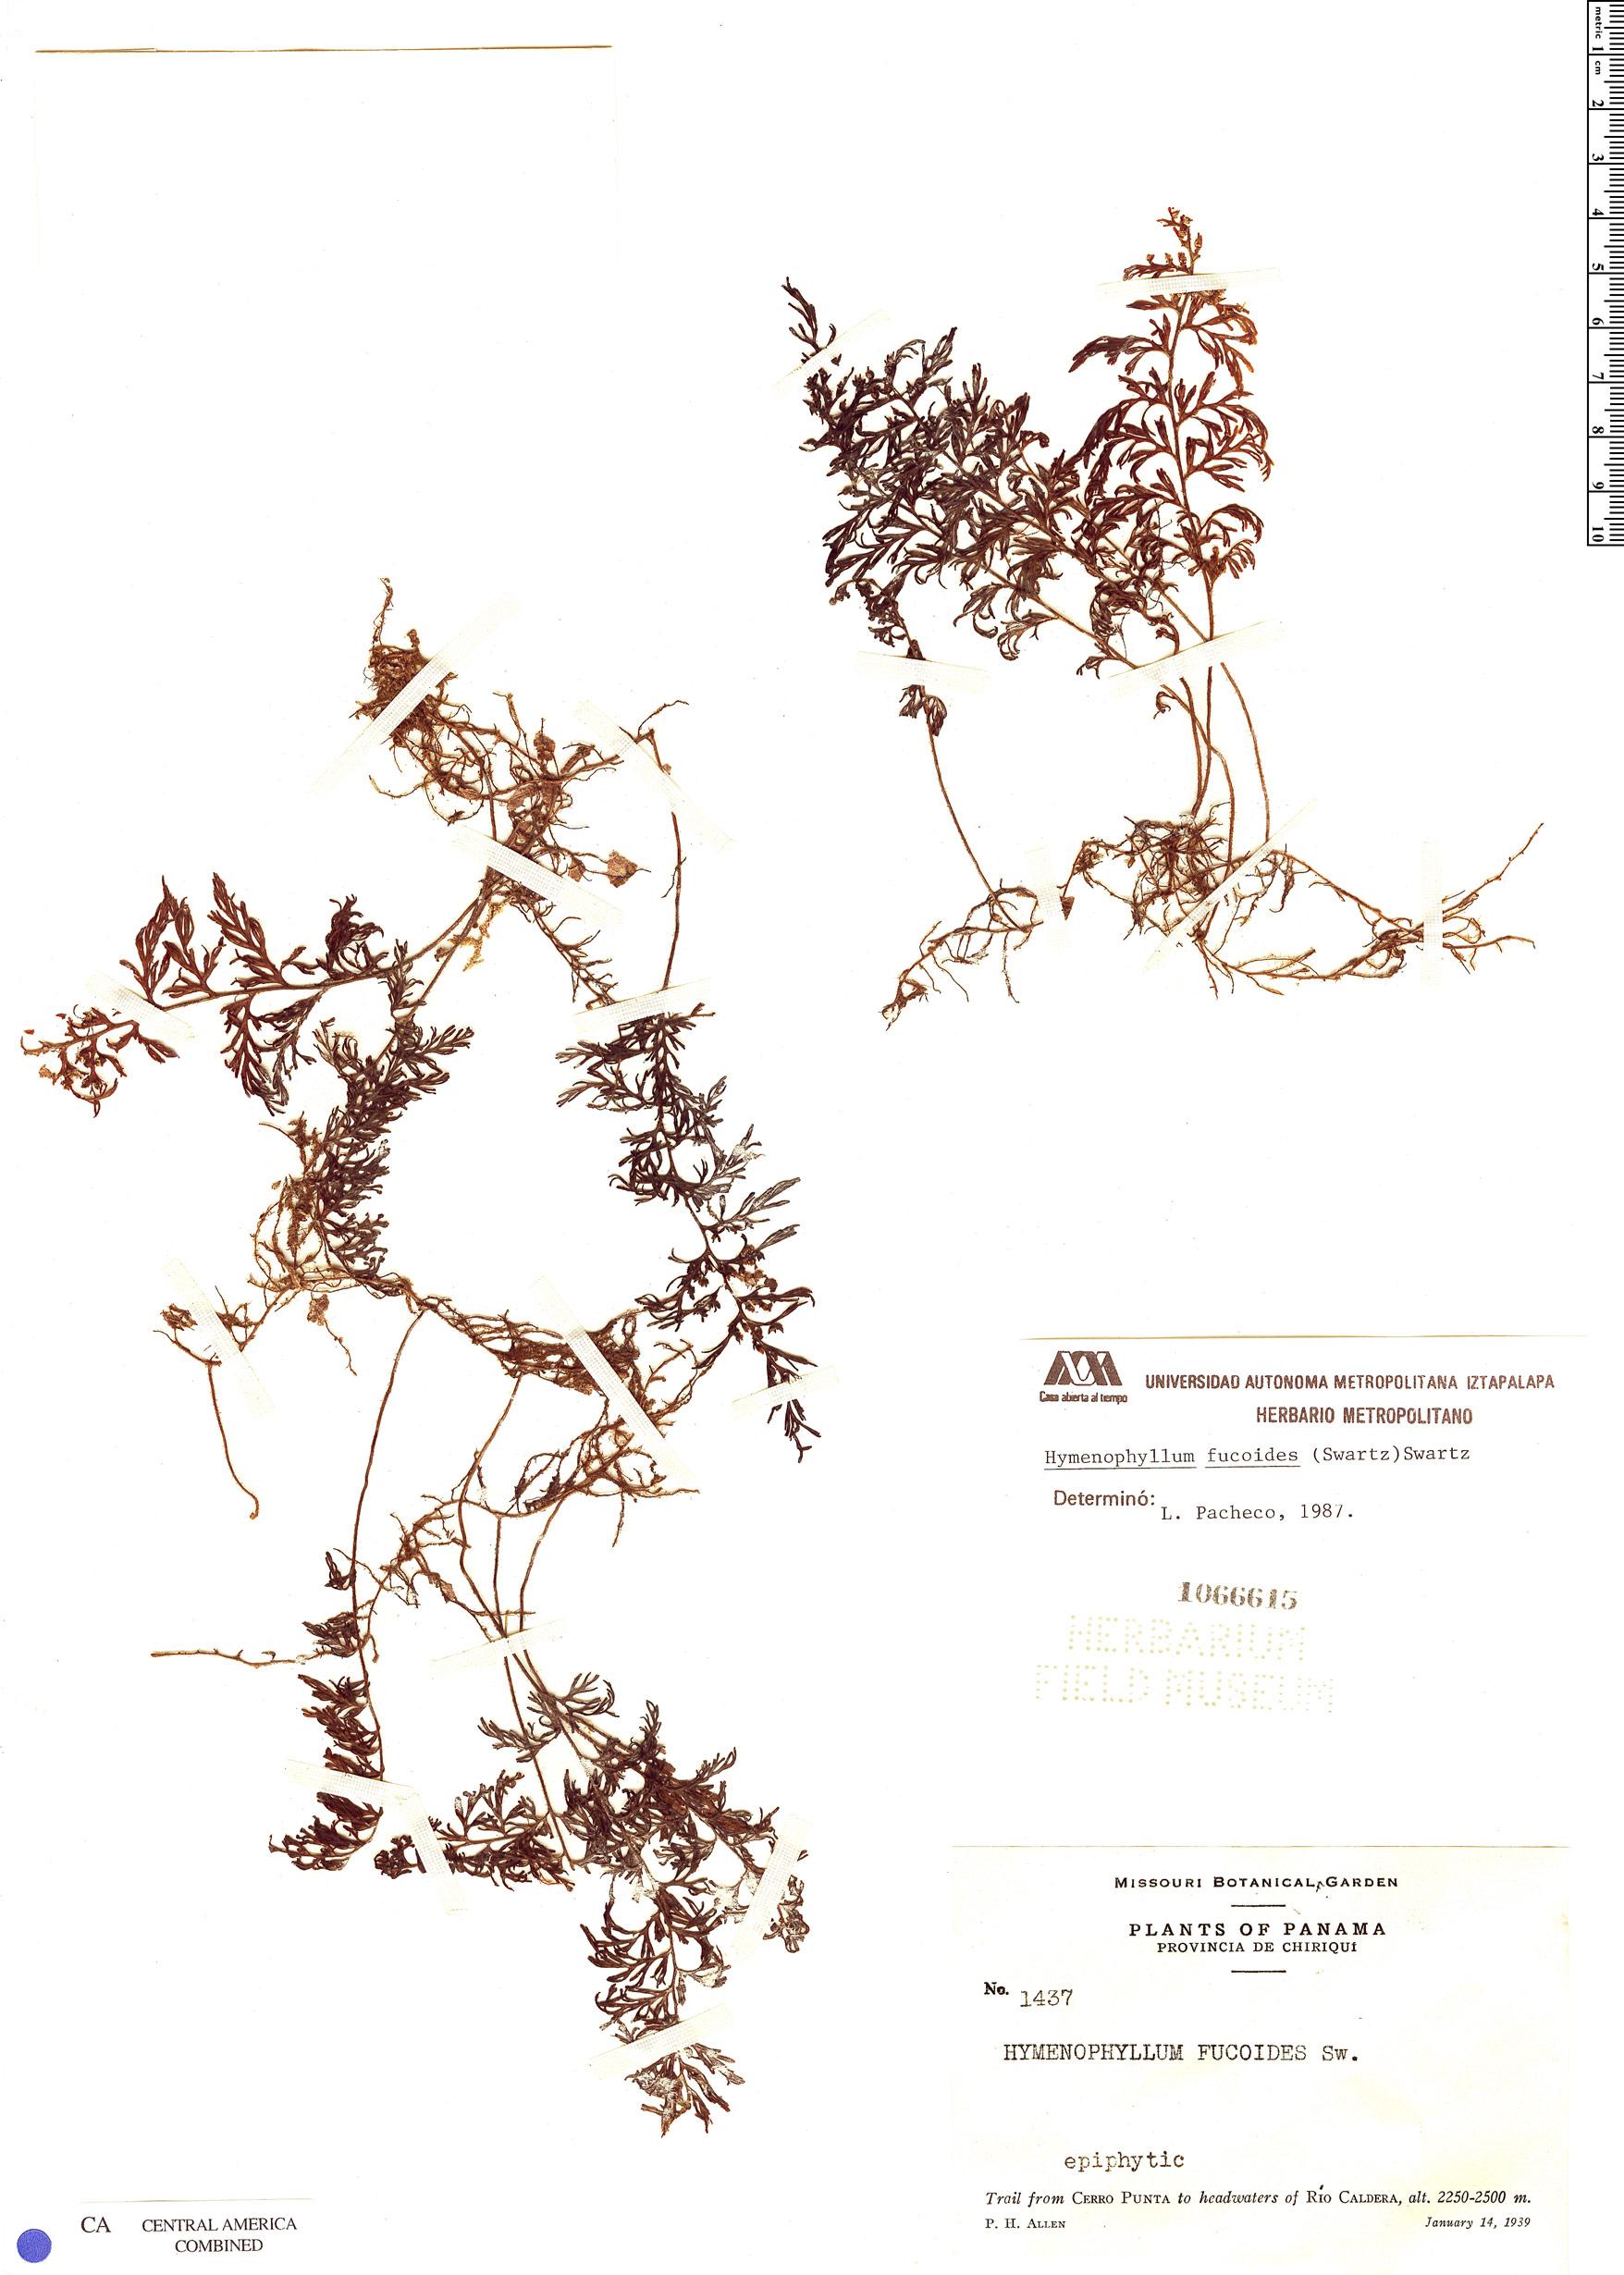 Specimen: Hymenophyllum fucoides